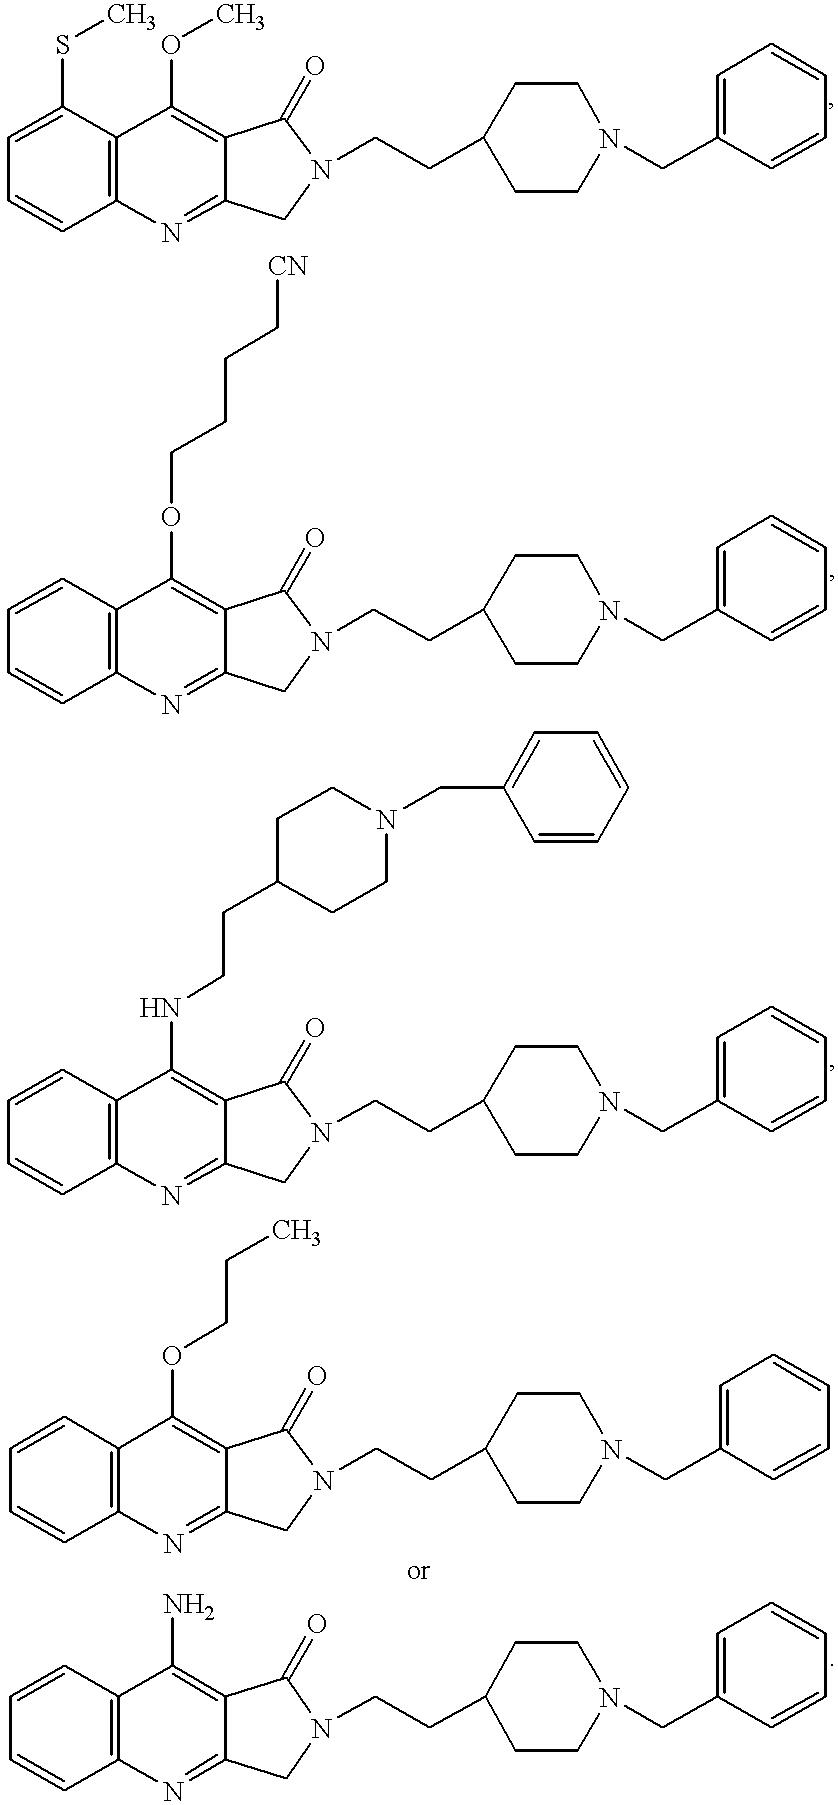 Figure US06218402-20010417-C00001